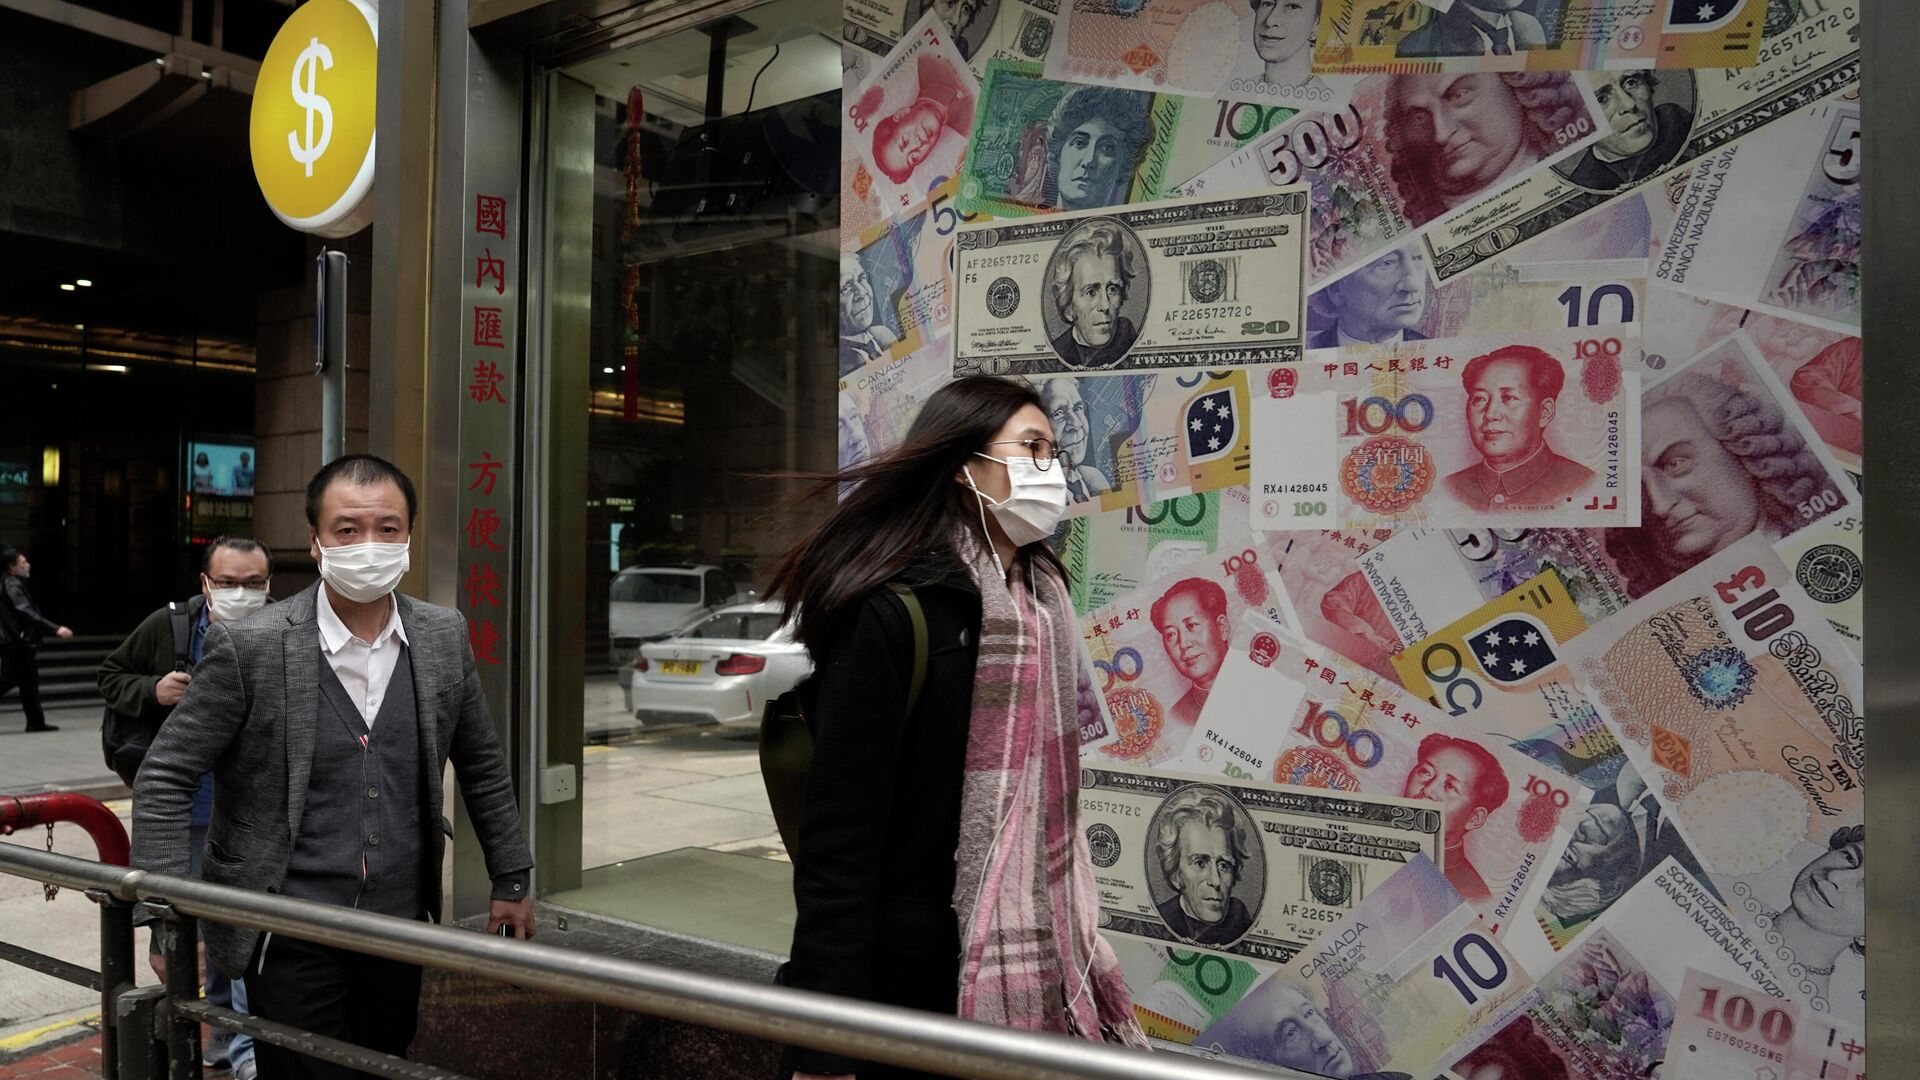 Люди в защитных масках проходят мимо пункта обмена валют в Гонконге - РИА Новости, 1920, 18.10.2020